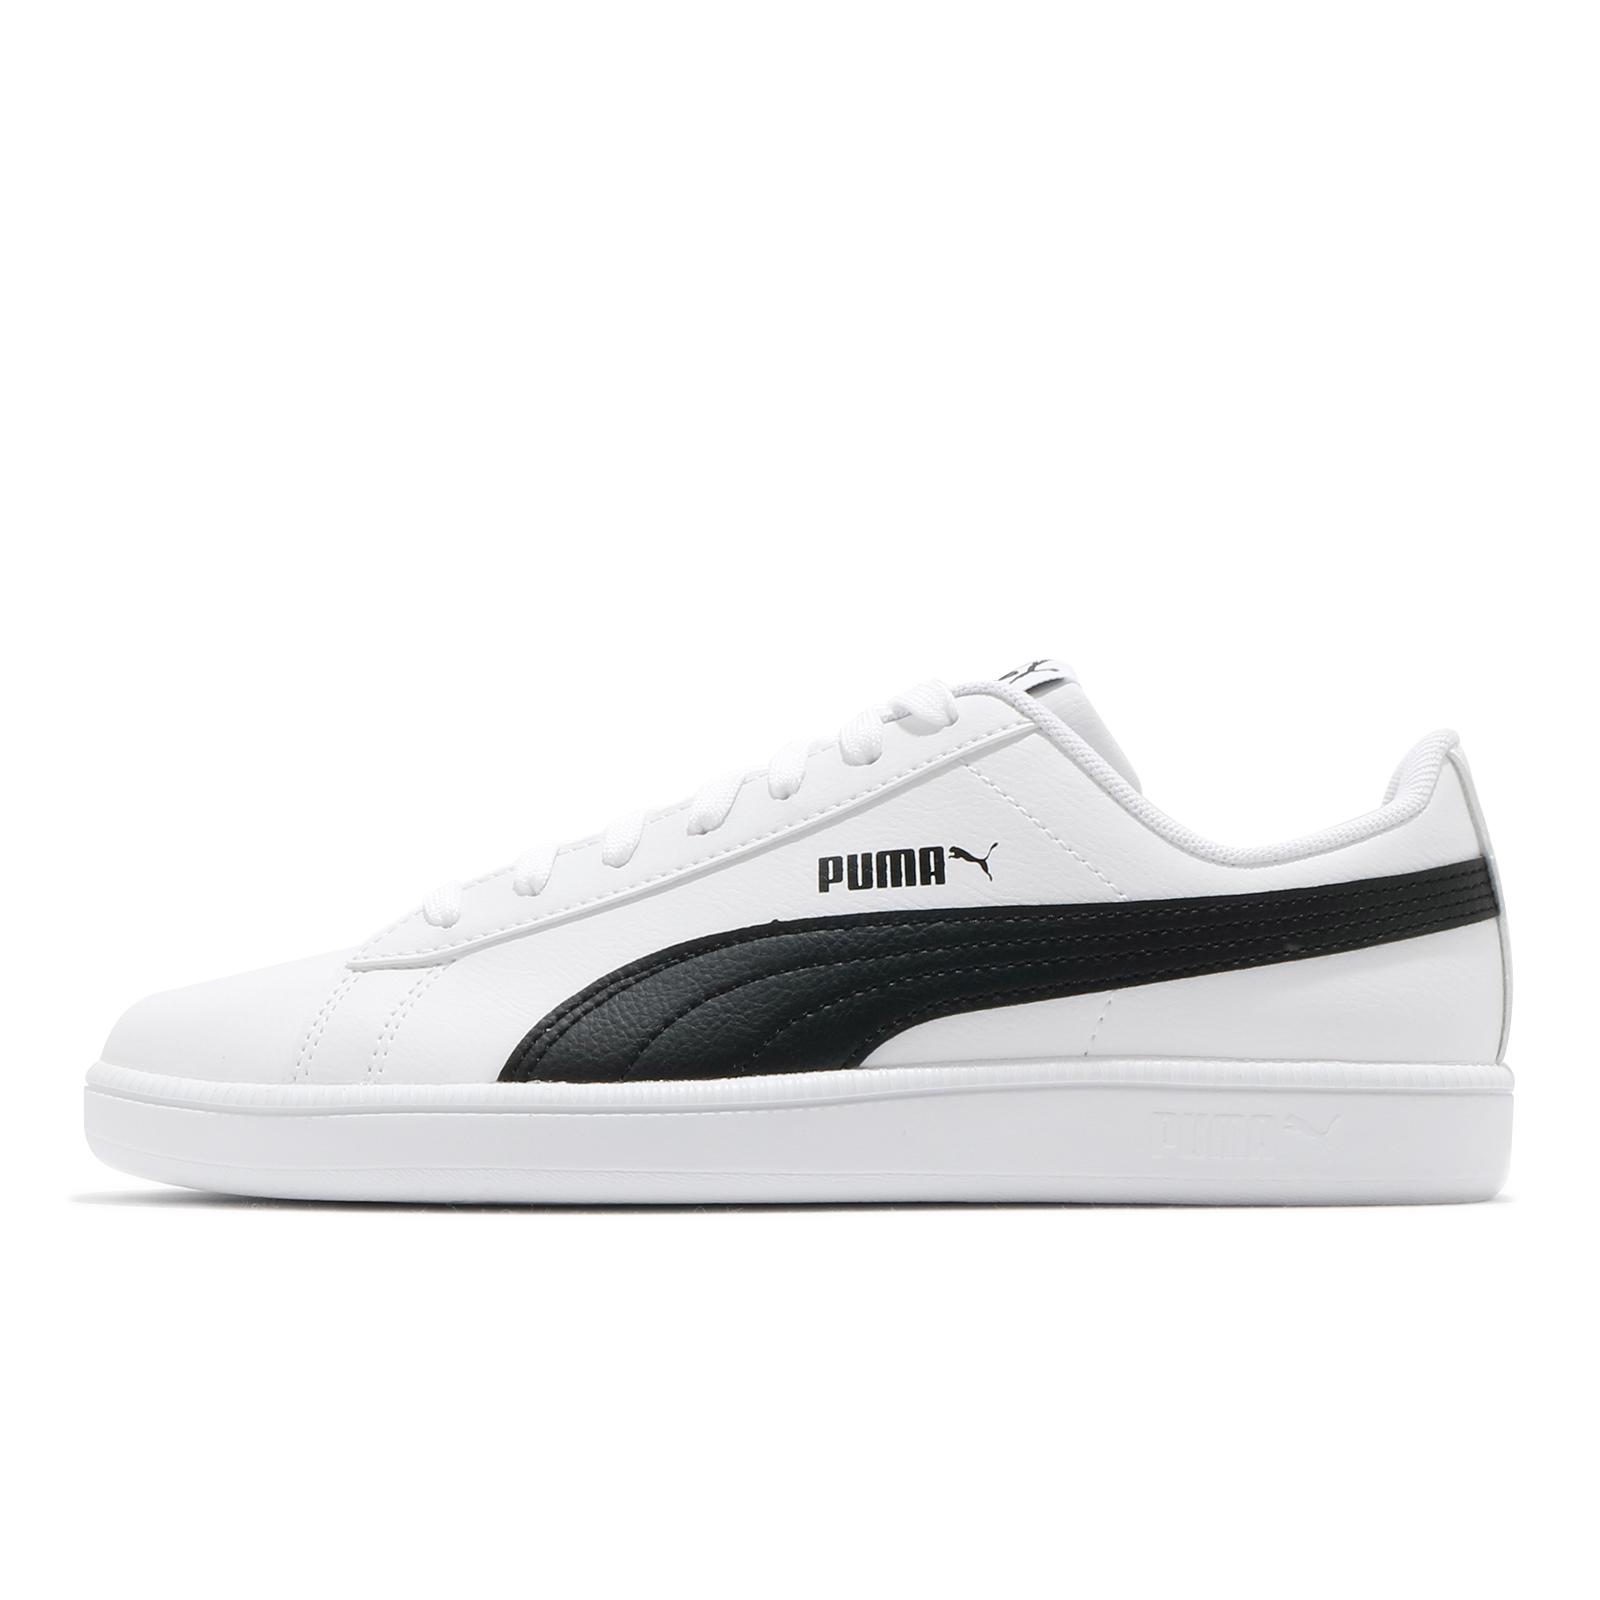 Puma 休閒鞋 UP 白 黑 男女鞋 皮革鞋面 基本款 小白鞋 運動鞋【ACS】 37260502